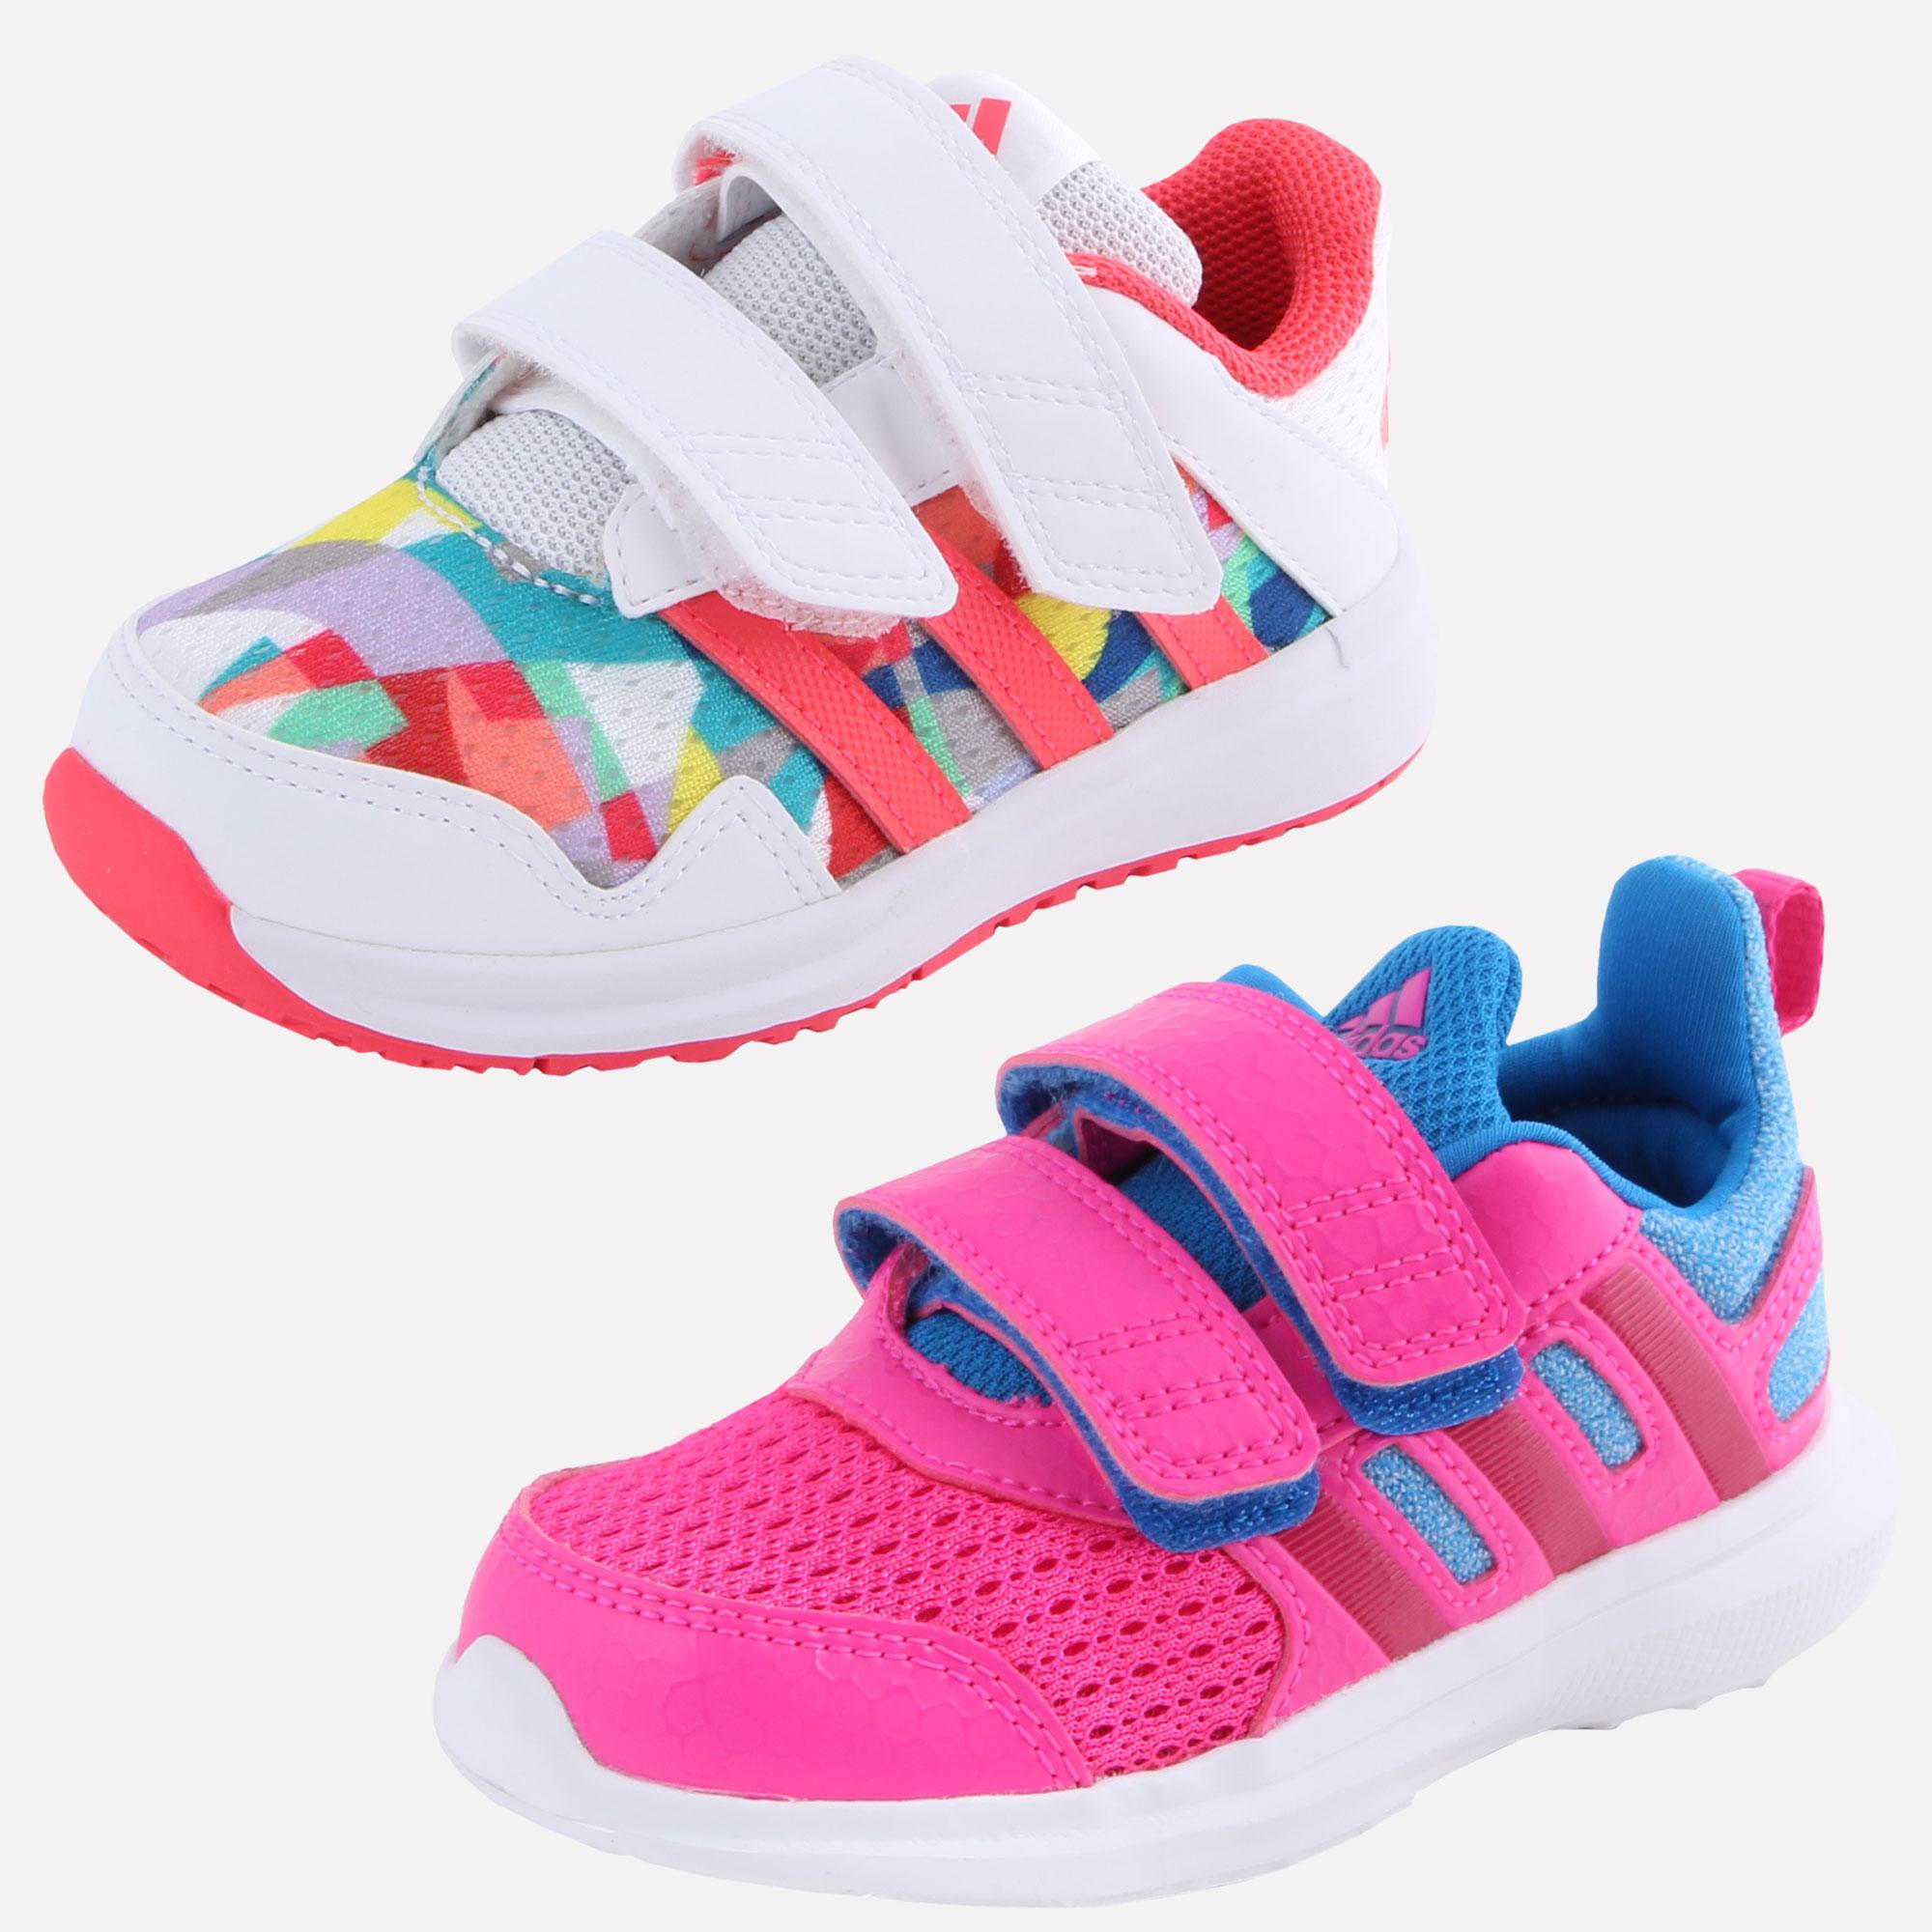 0aecbfe8be4aea Jungen Kinderschuhe Sneaker Adidas Turnschuhe Neu Mädchen Baby m8vN0wOyn